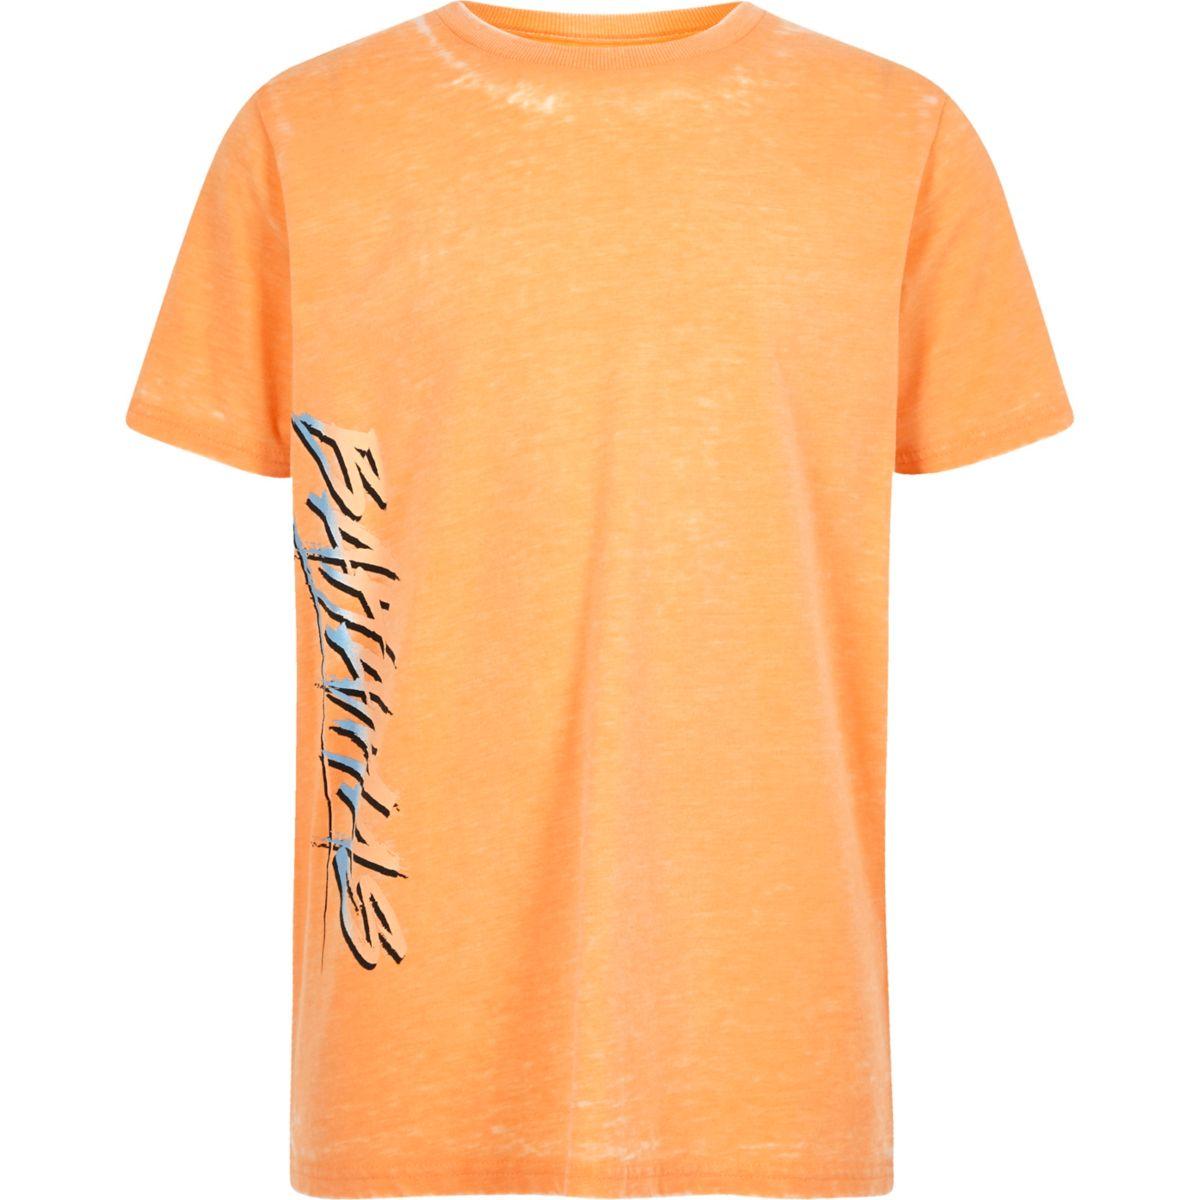 Boys orange burnout 'Bahamas' print T-shirt